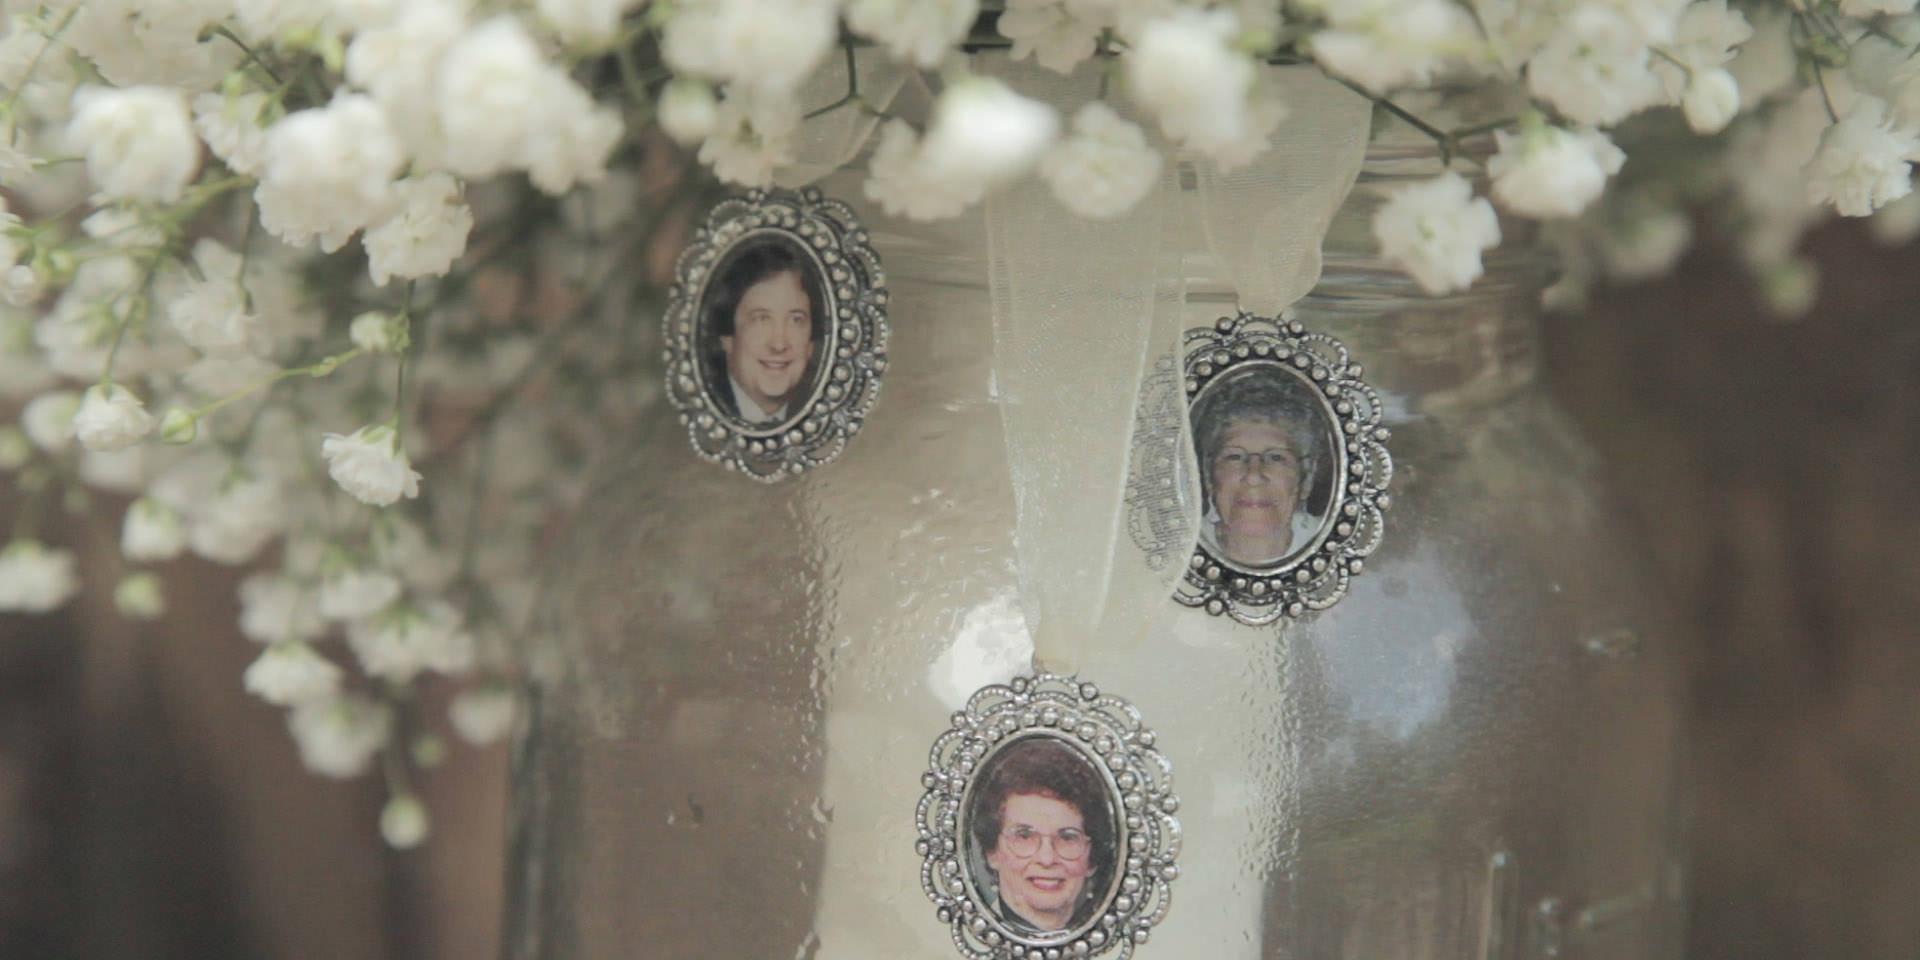 tyler&melissa wedding story.Still012.jpg